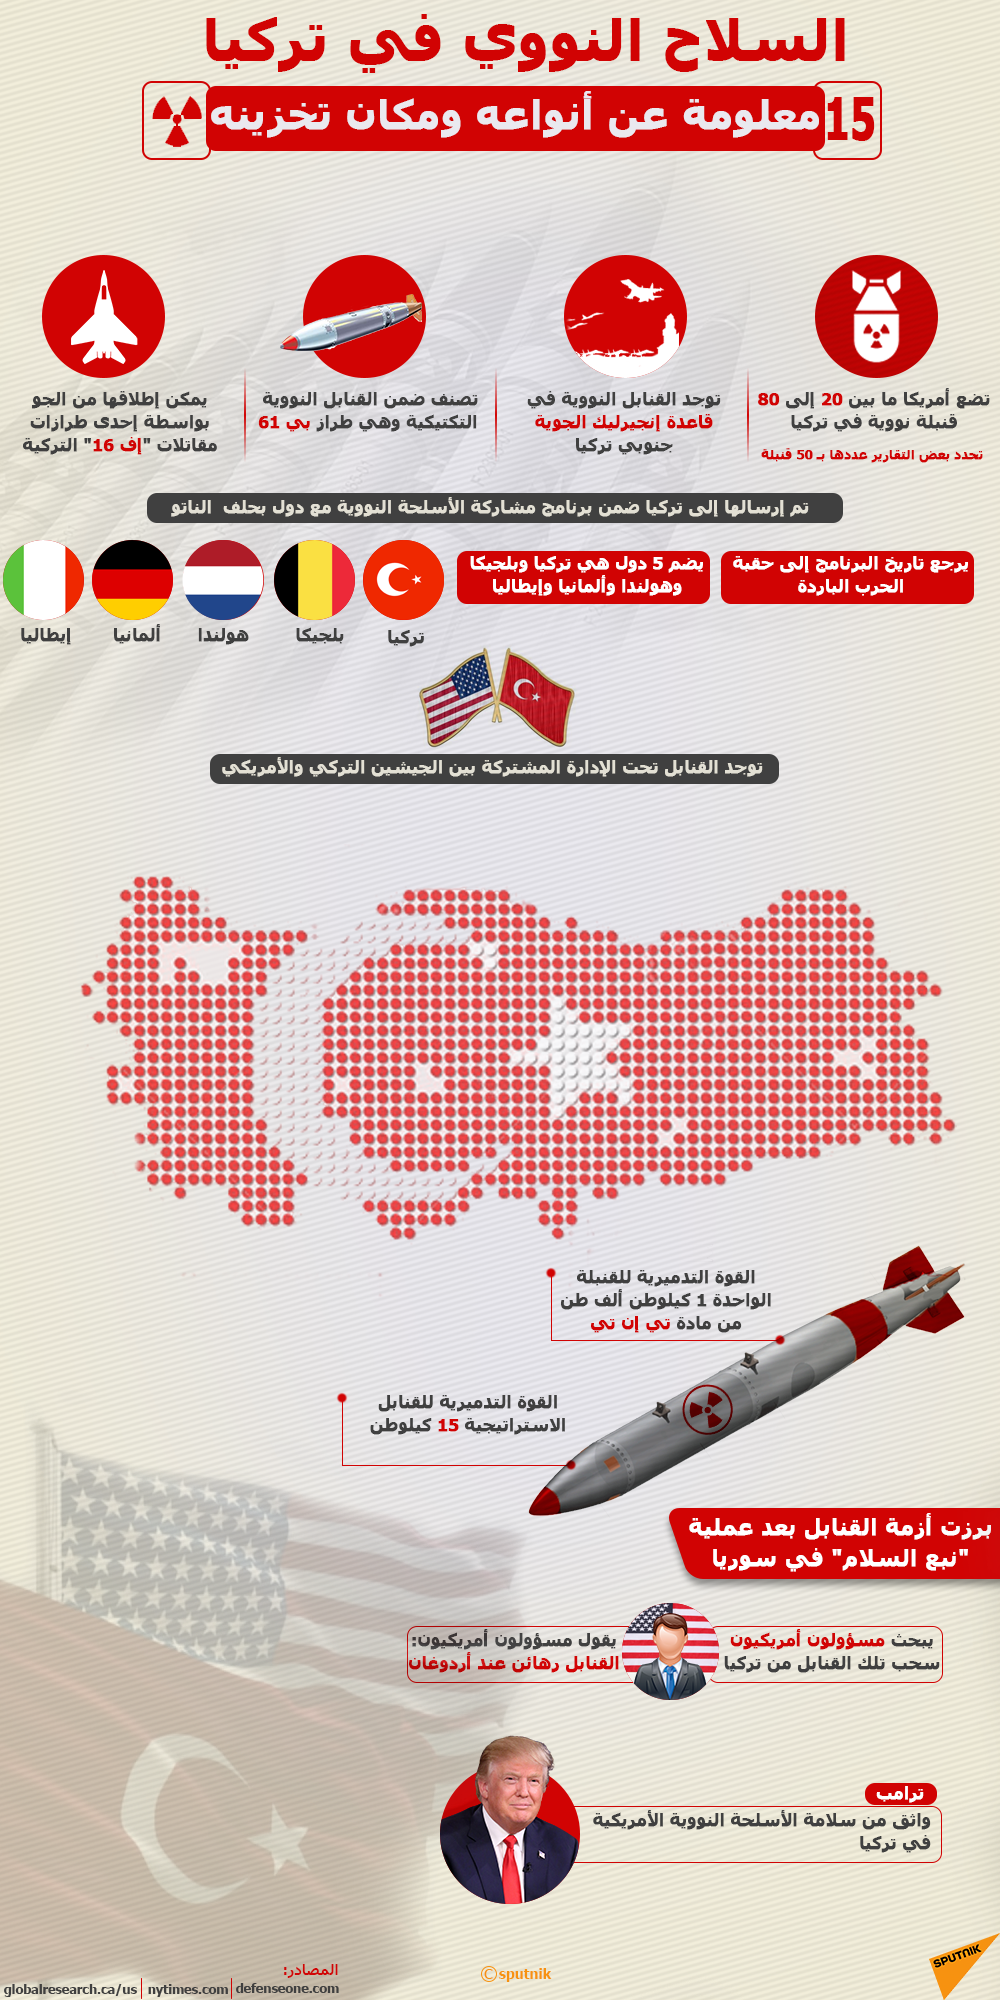 إنفوجرافيك - السلاح النووي في تركيا...15 معلومة عن أنواعه ومكان تخزينه